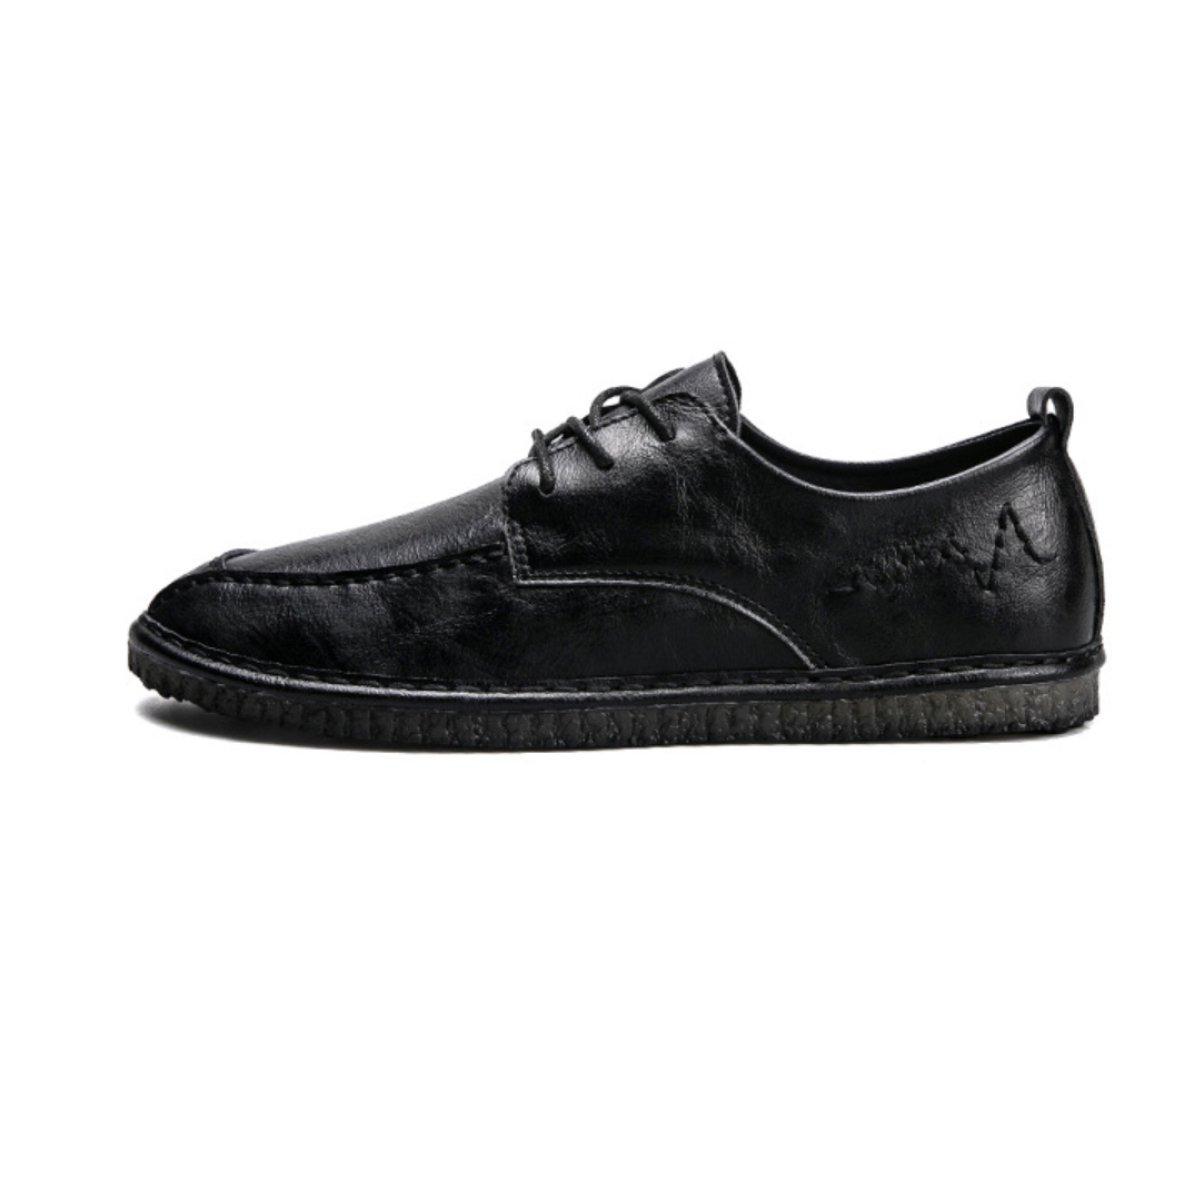 LYZGF Zapatos De Cuero De Moda De Ocio Juvenil De Primavera Y Verano Para Hombres 39 EU|Black